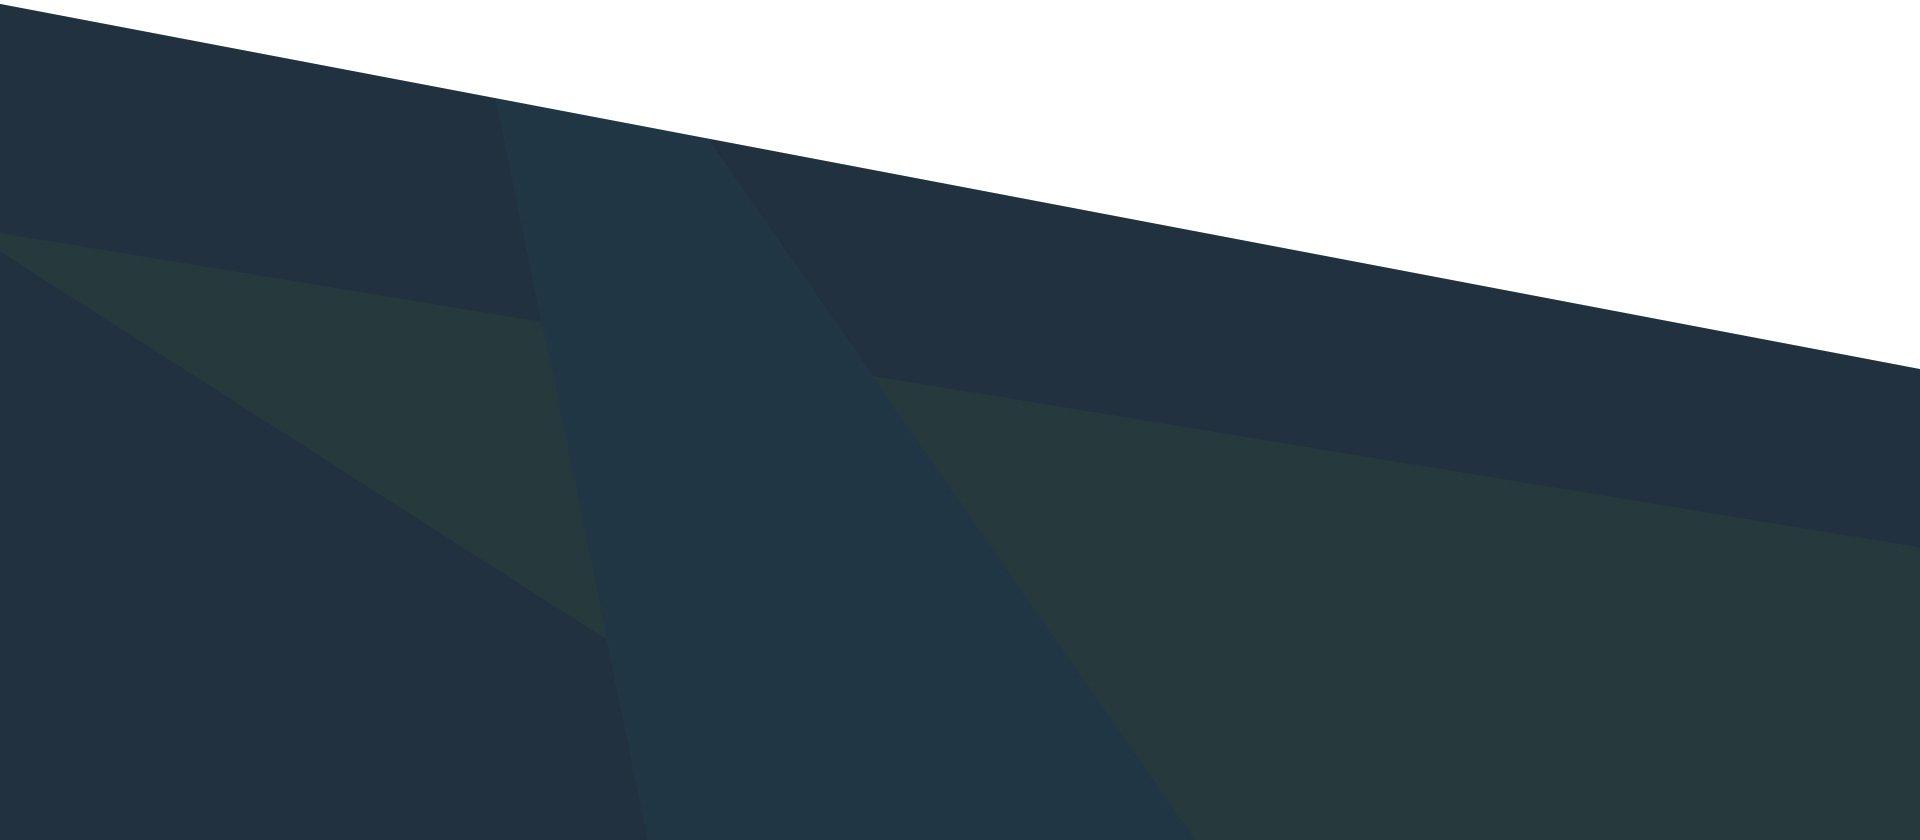 Oversight_Angle_Dark_Blue